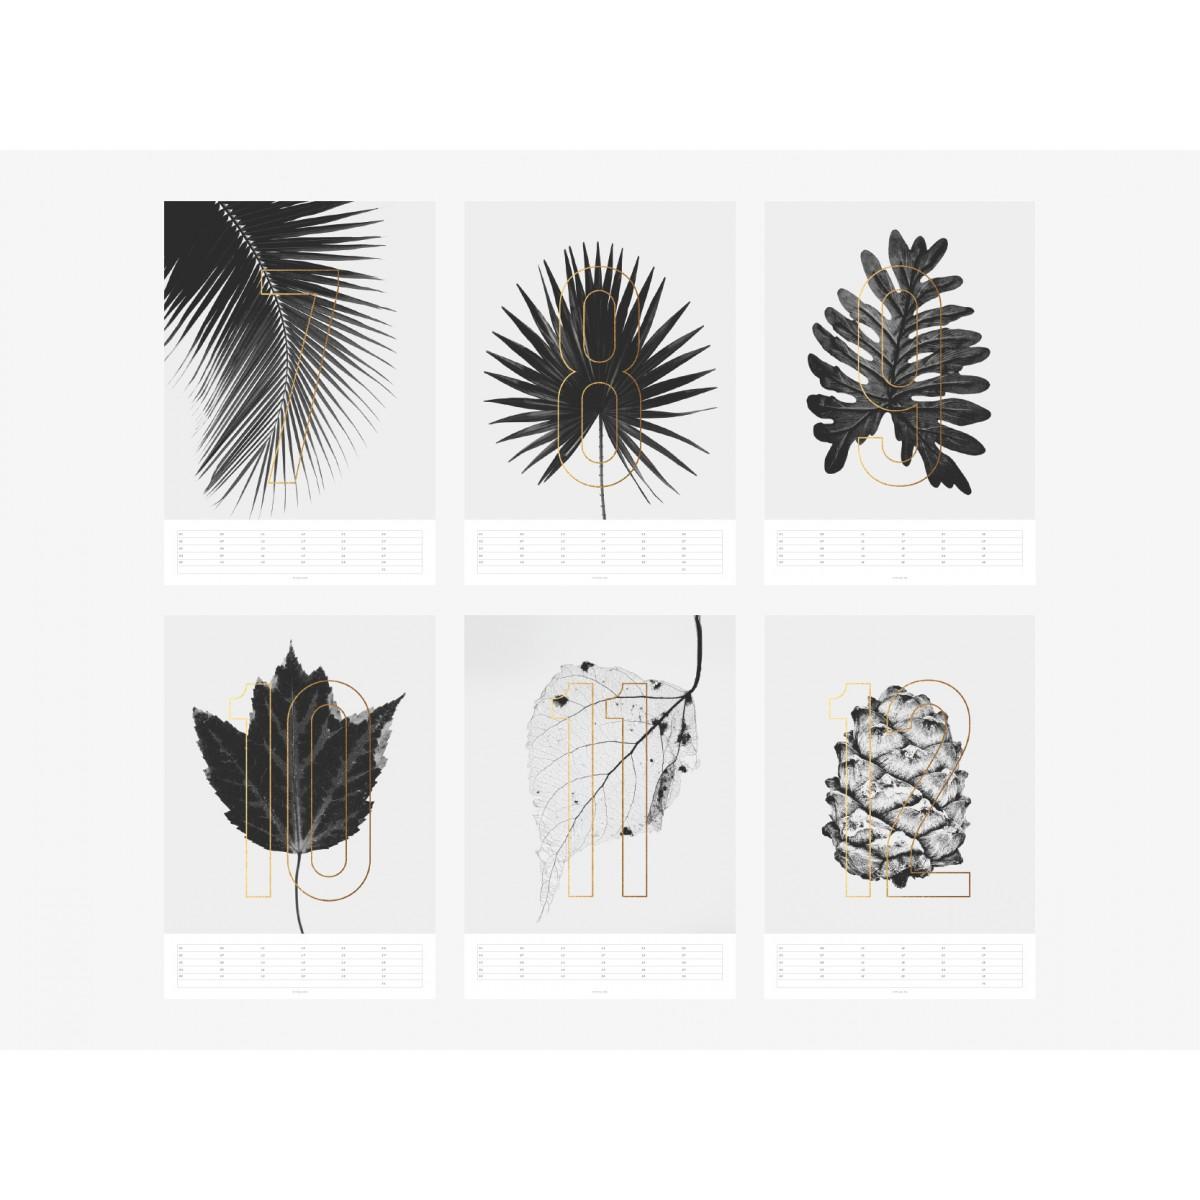 typealive / Wandkalender / Plants